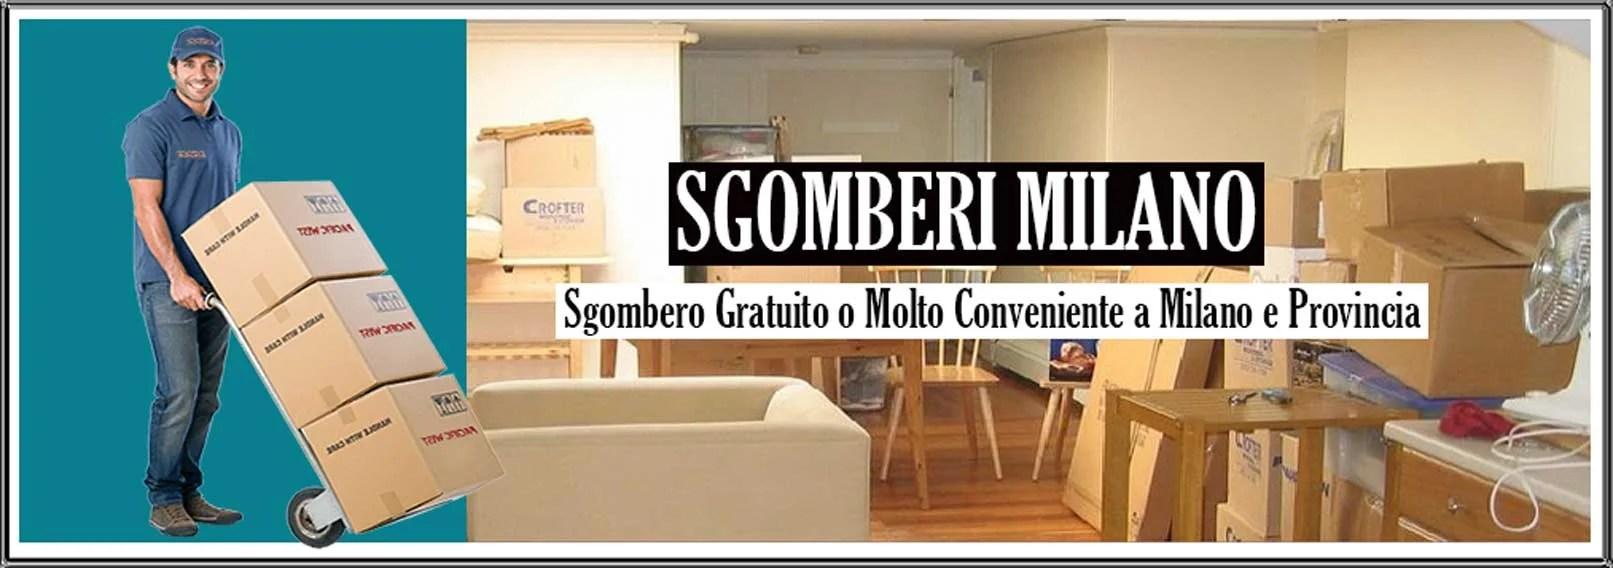 sgomberi-milano-e-provincia-banner